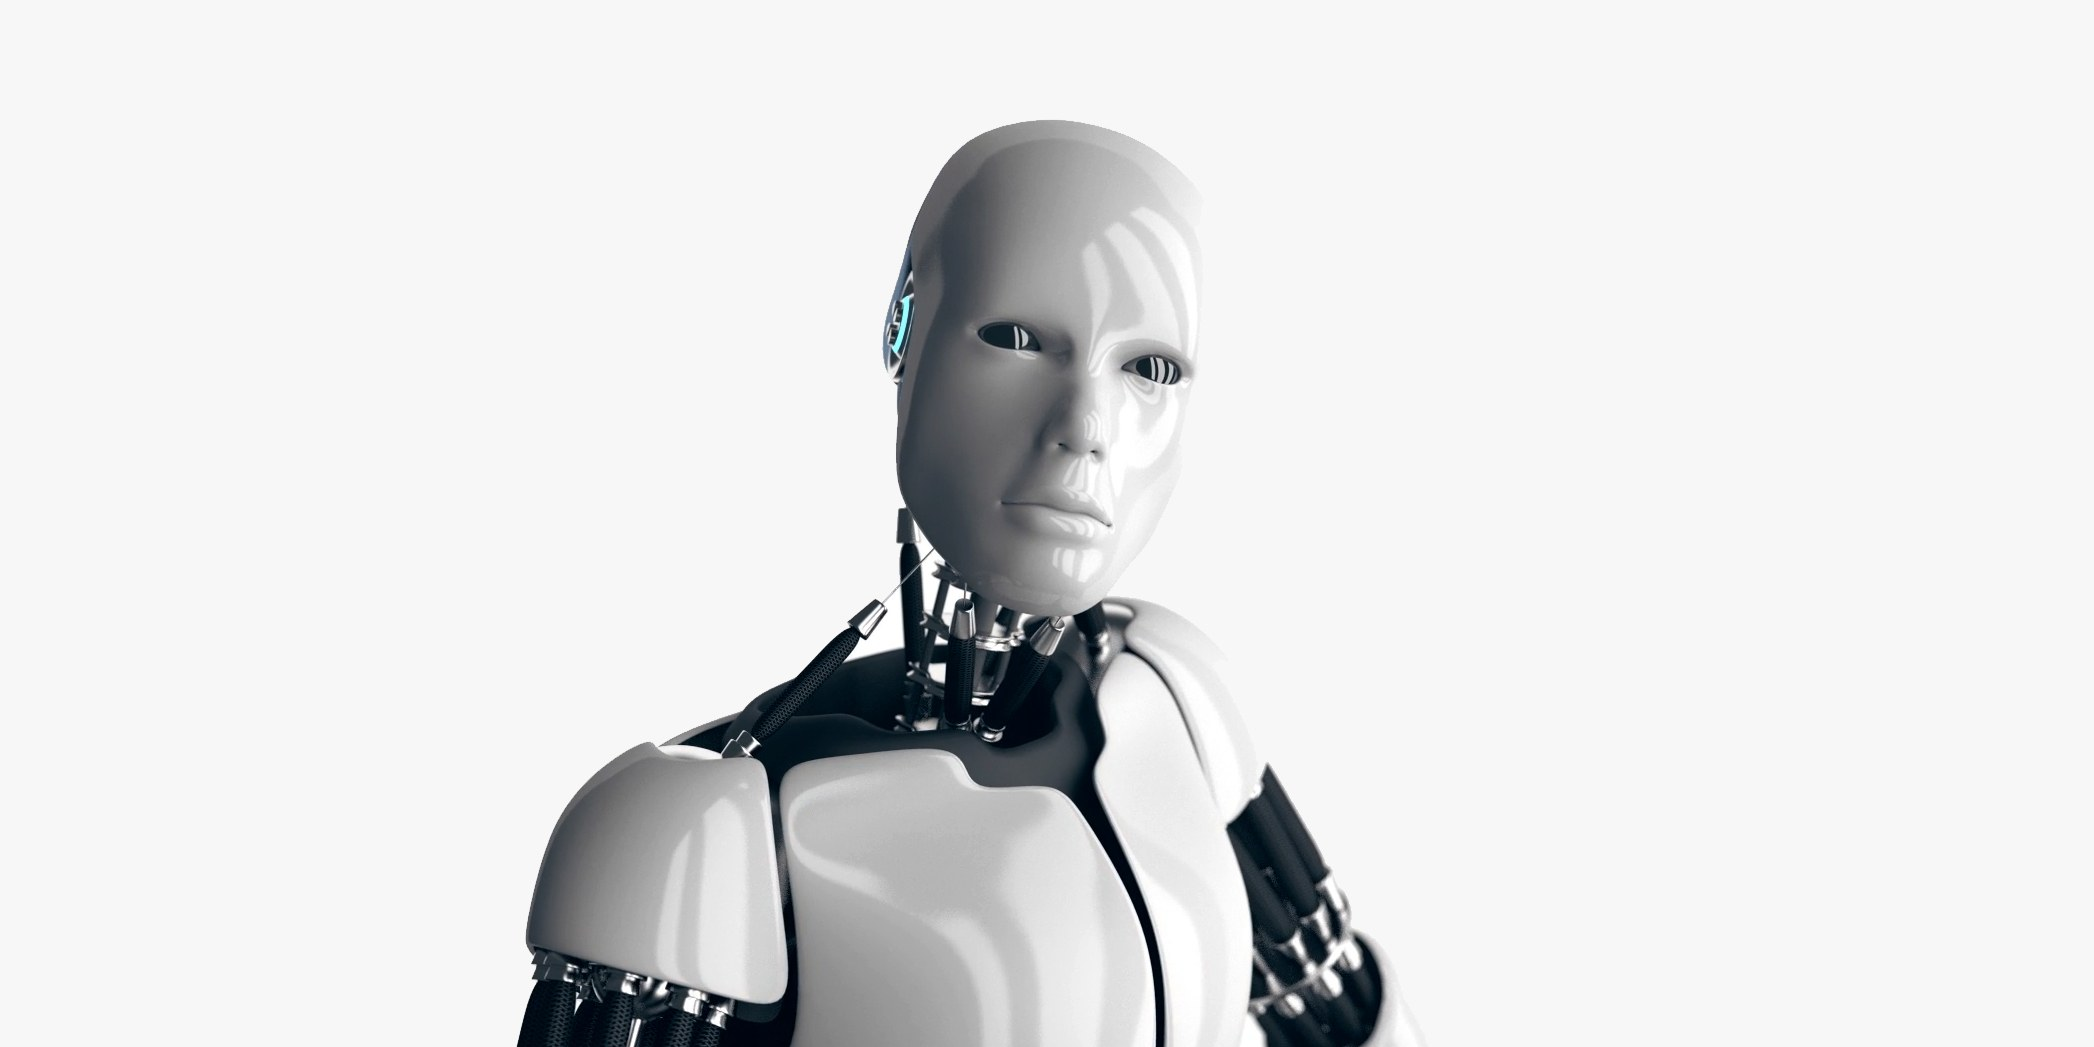 robot-video.jpg